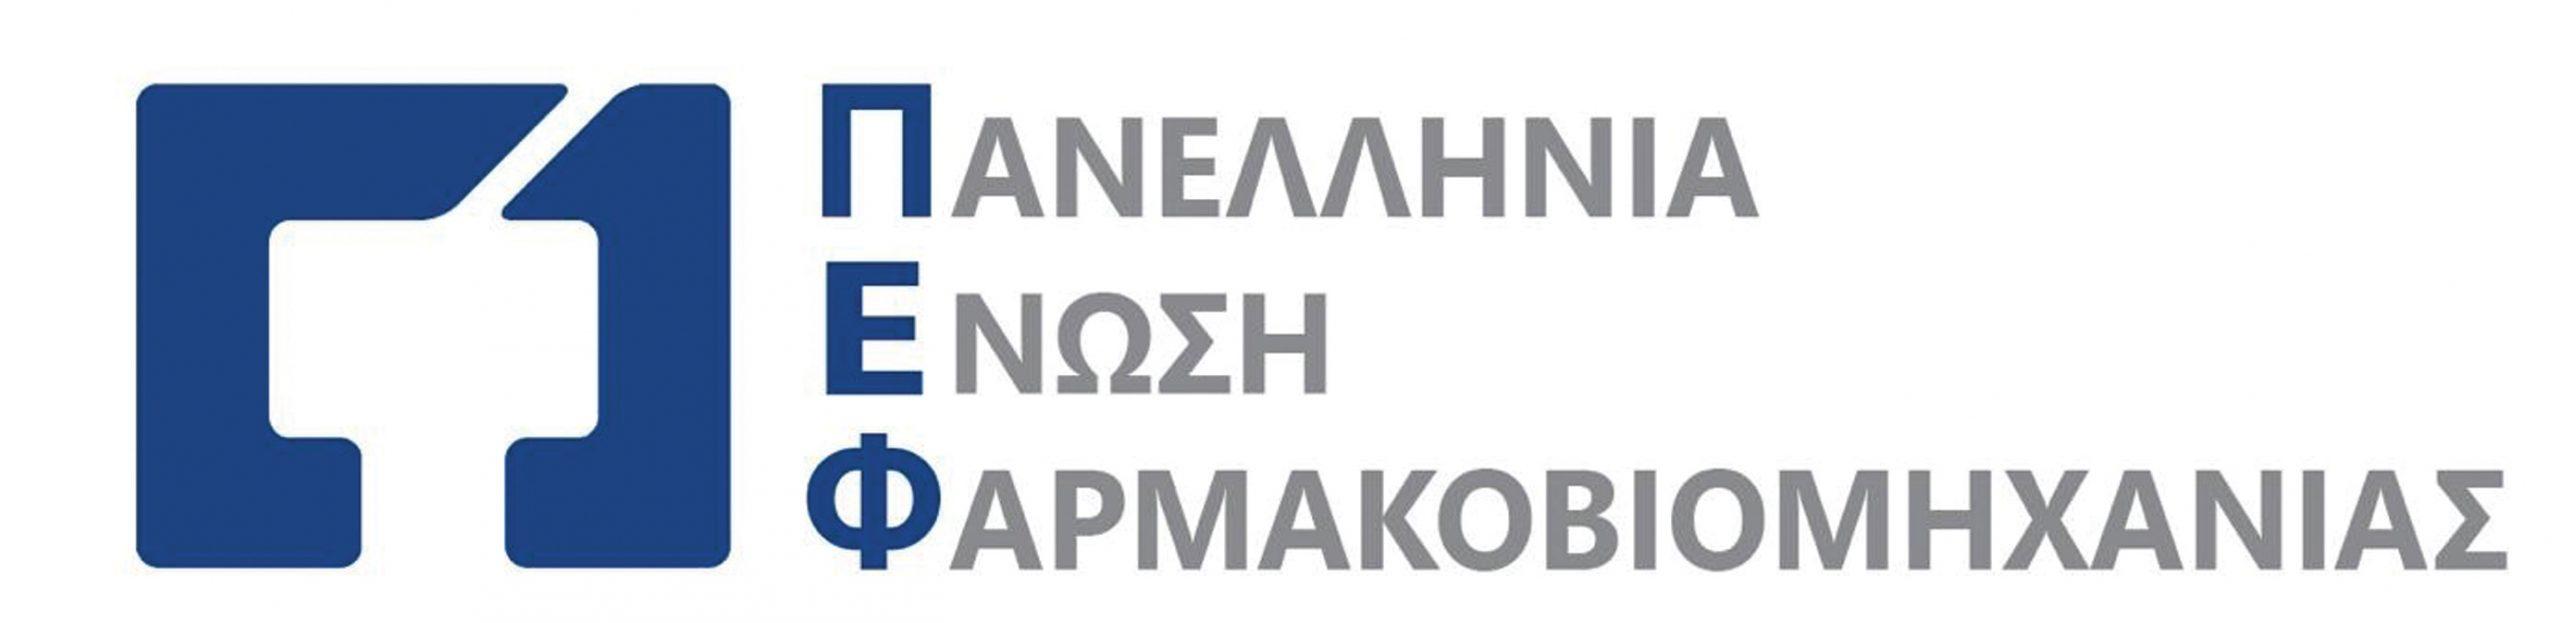 Θ. Τρύφων: H Ελλάδα έχει τη δυνατότητα να γίνει ευρωπαϊκό παραγωγικό και ερευνητικό κέντρο για την φαρμακοβιομηχανία